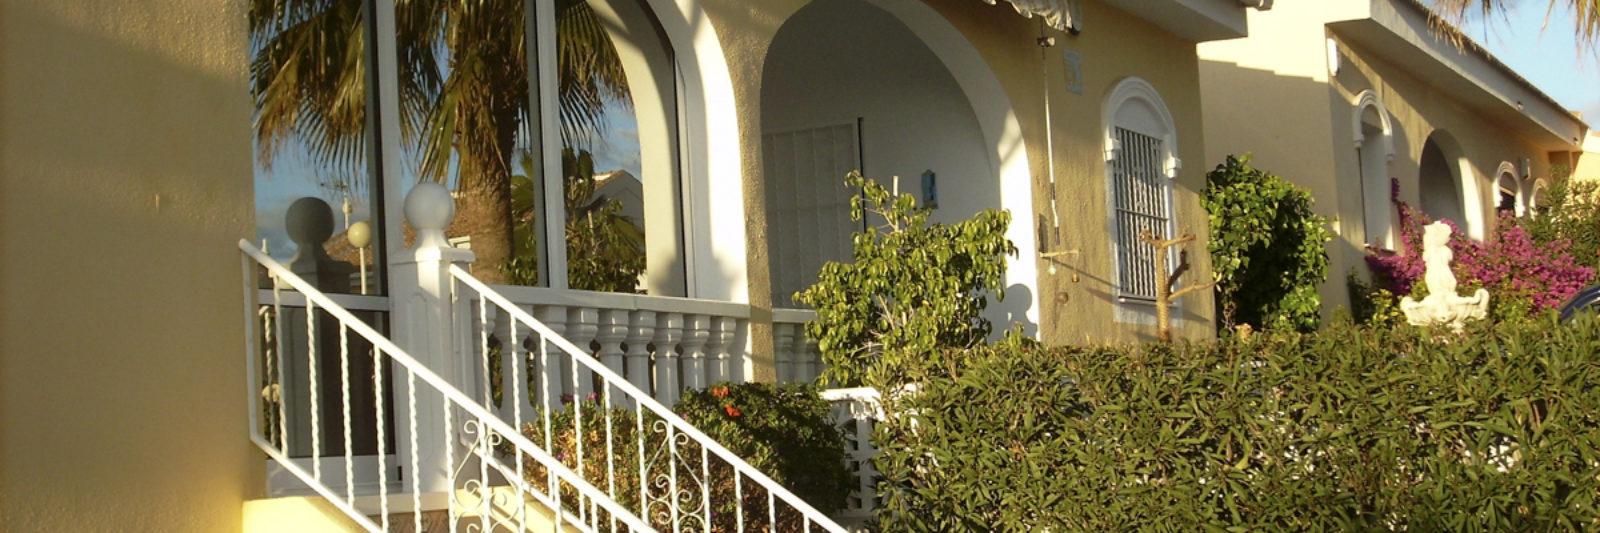 ferienhaus-costa-blanca